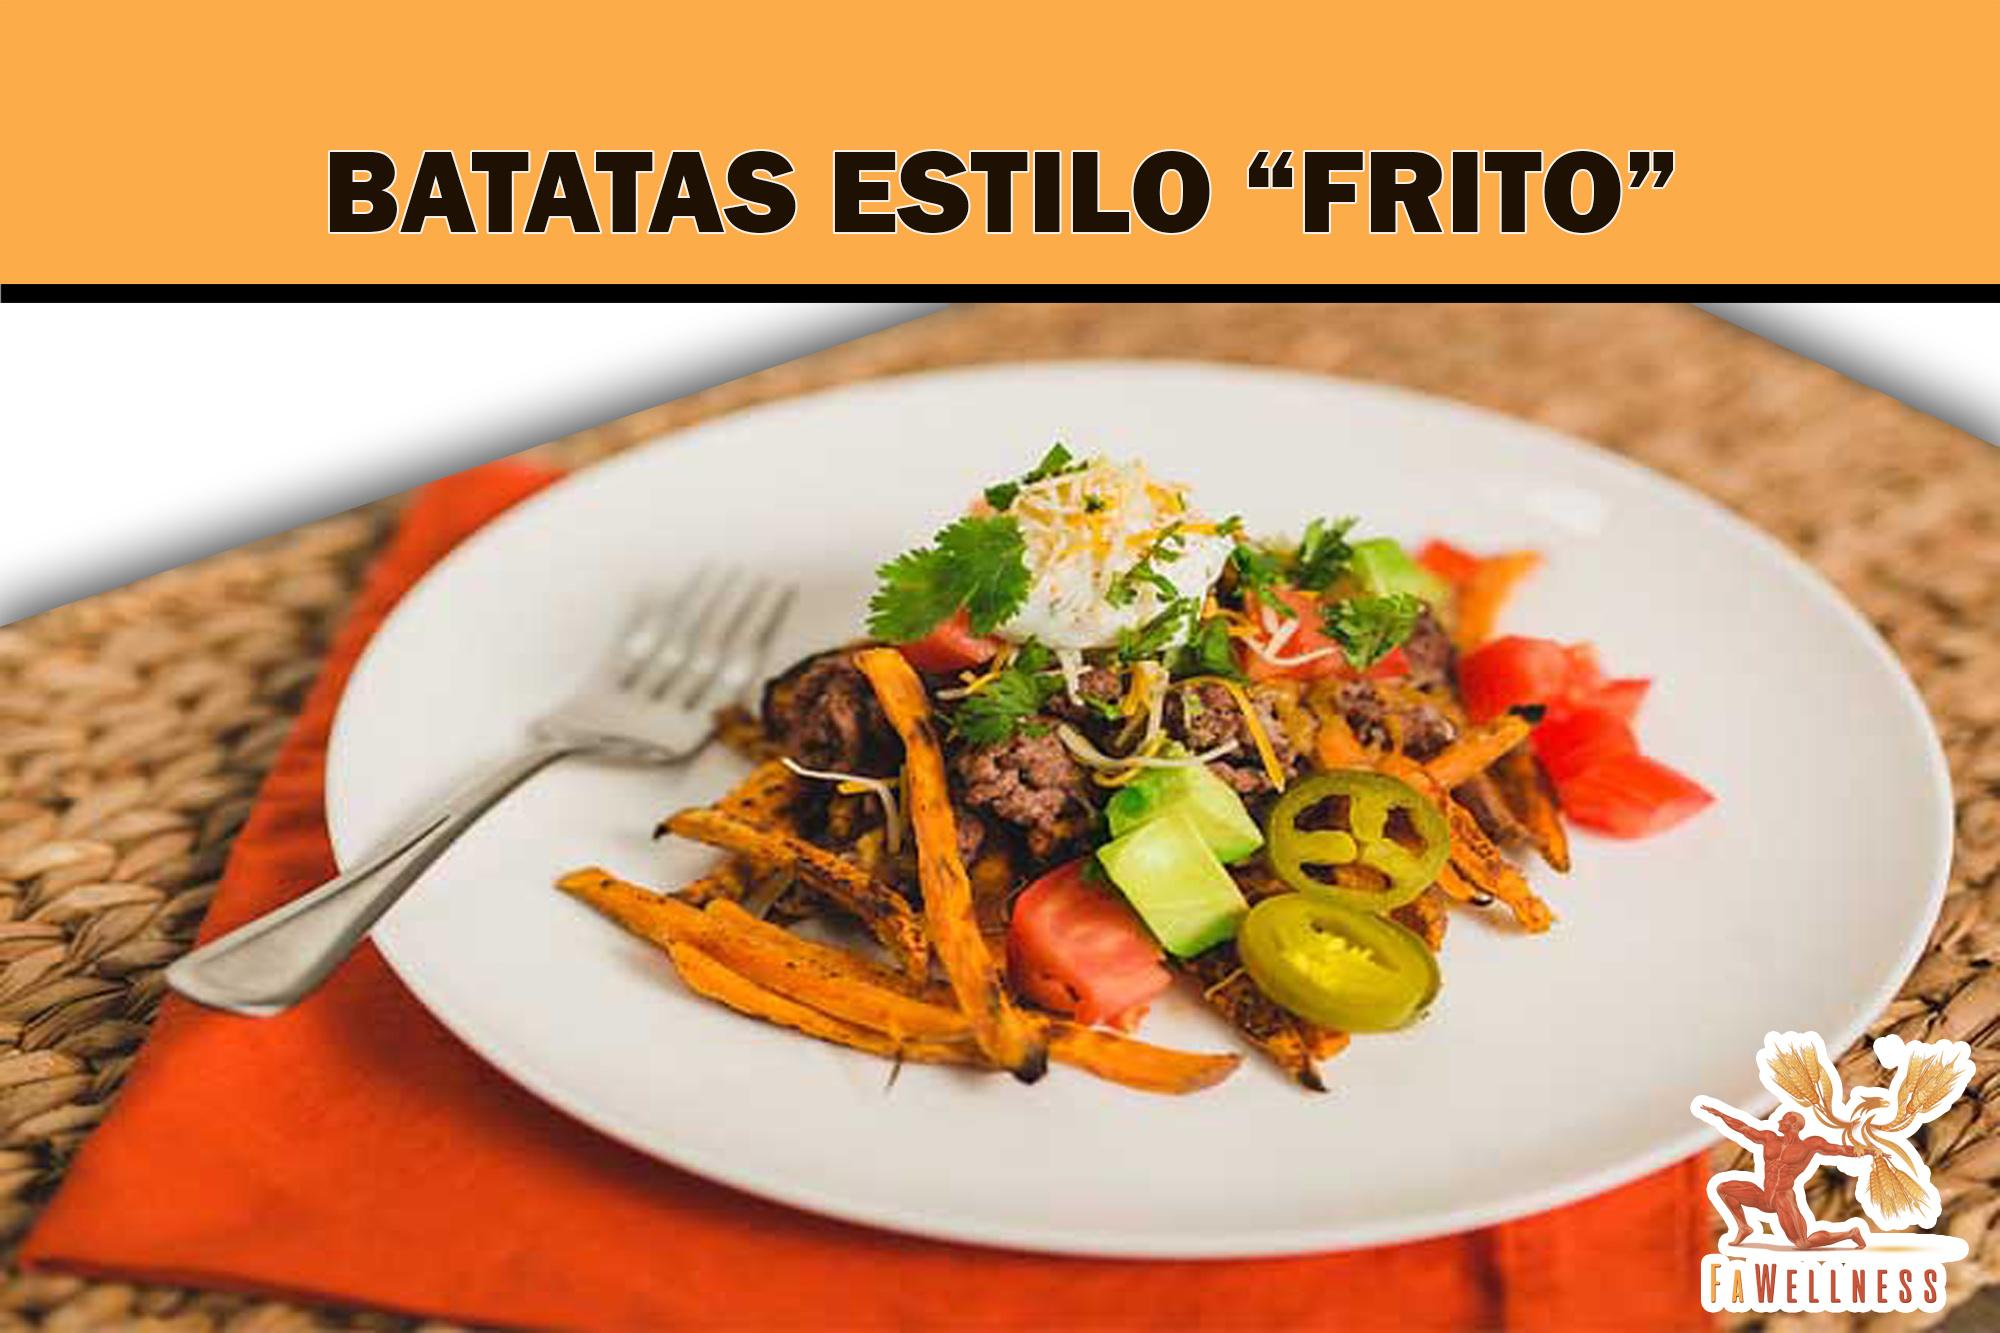 imagen blog FaWellness   Batatas Estilo Frito